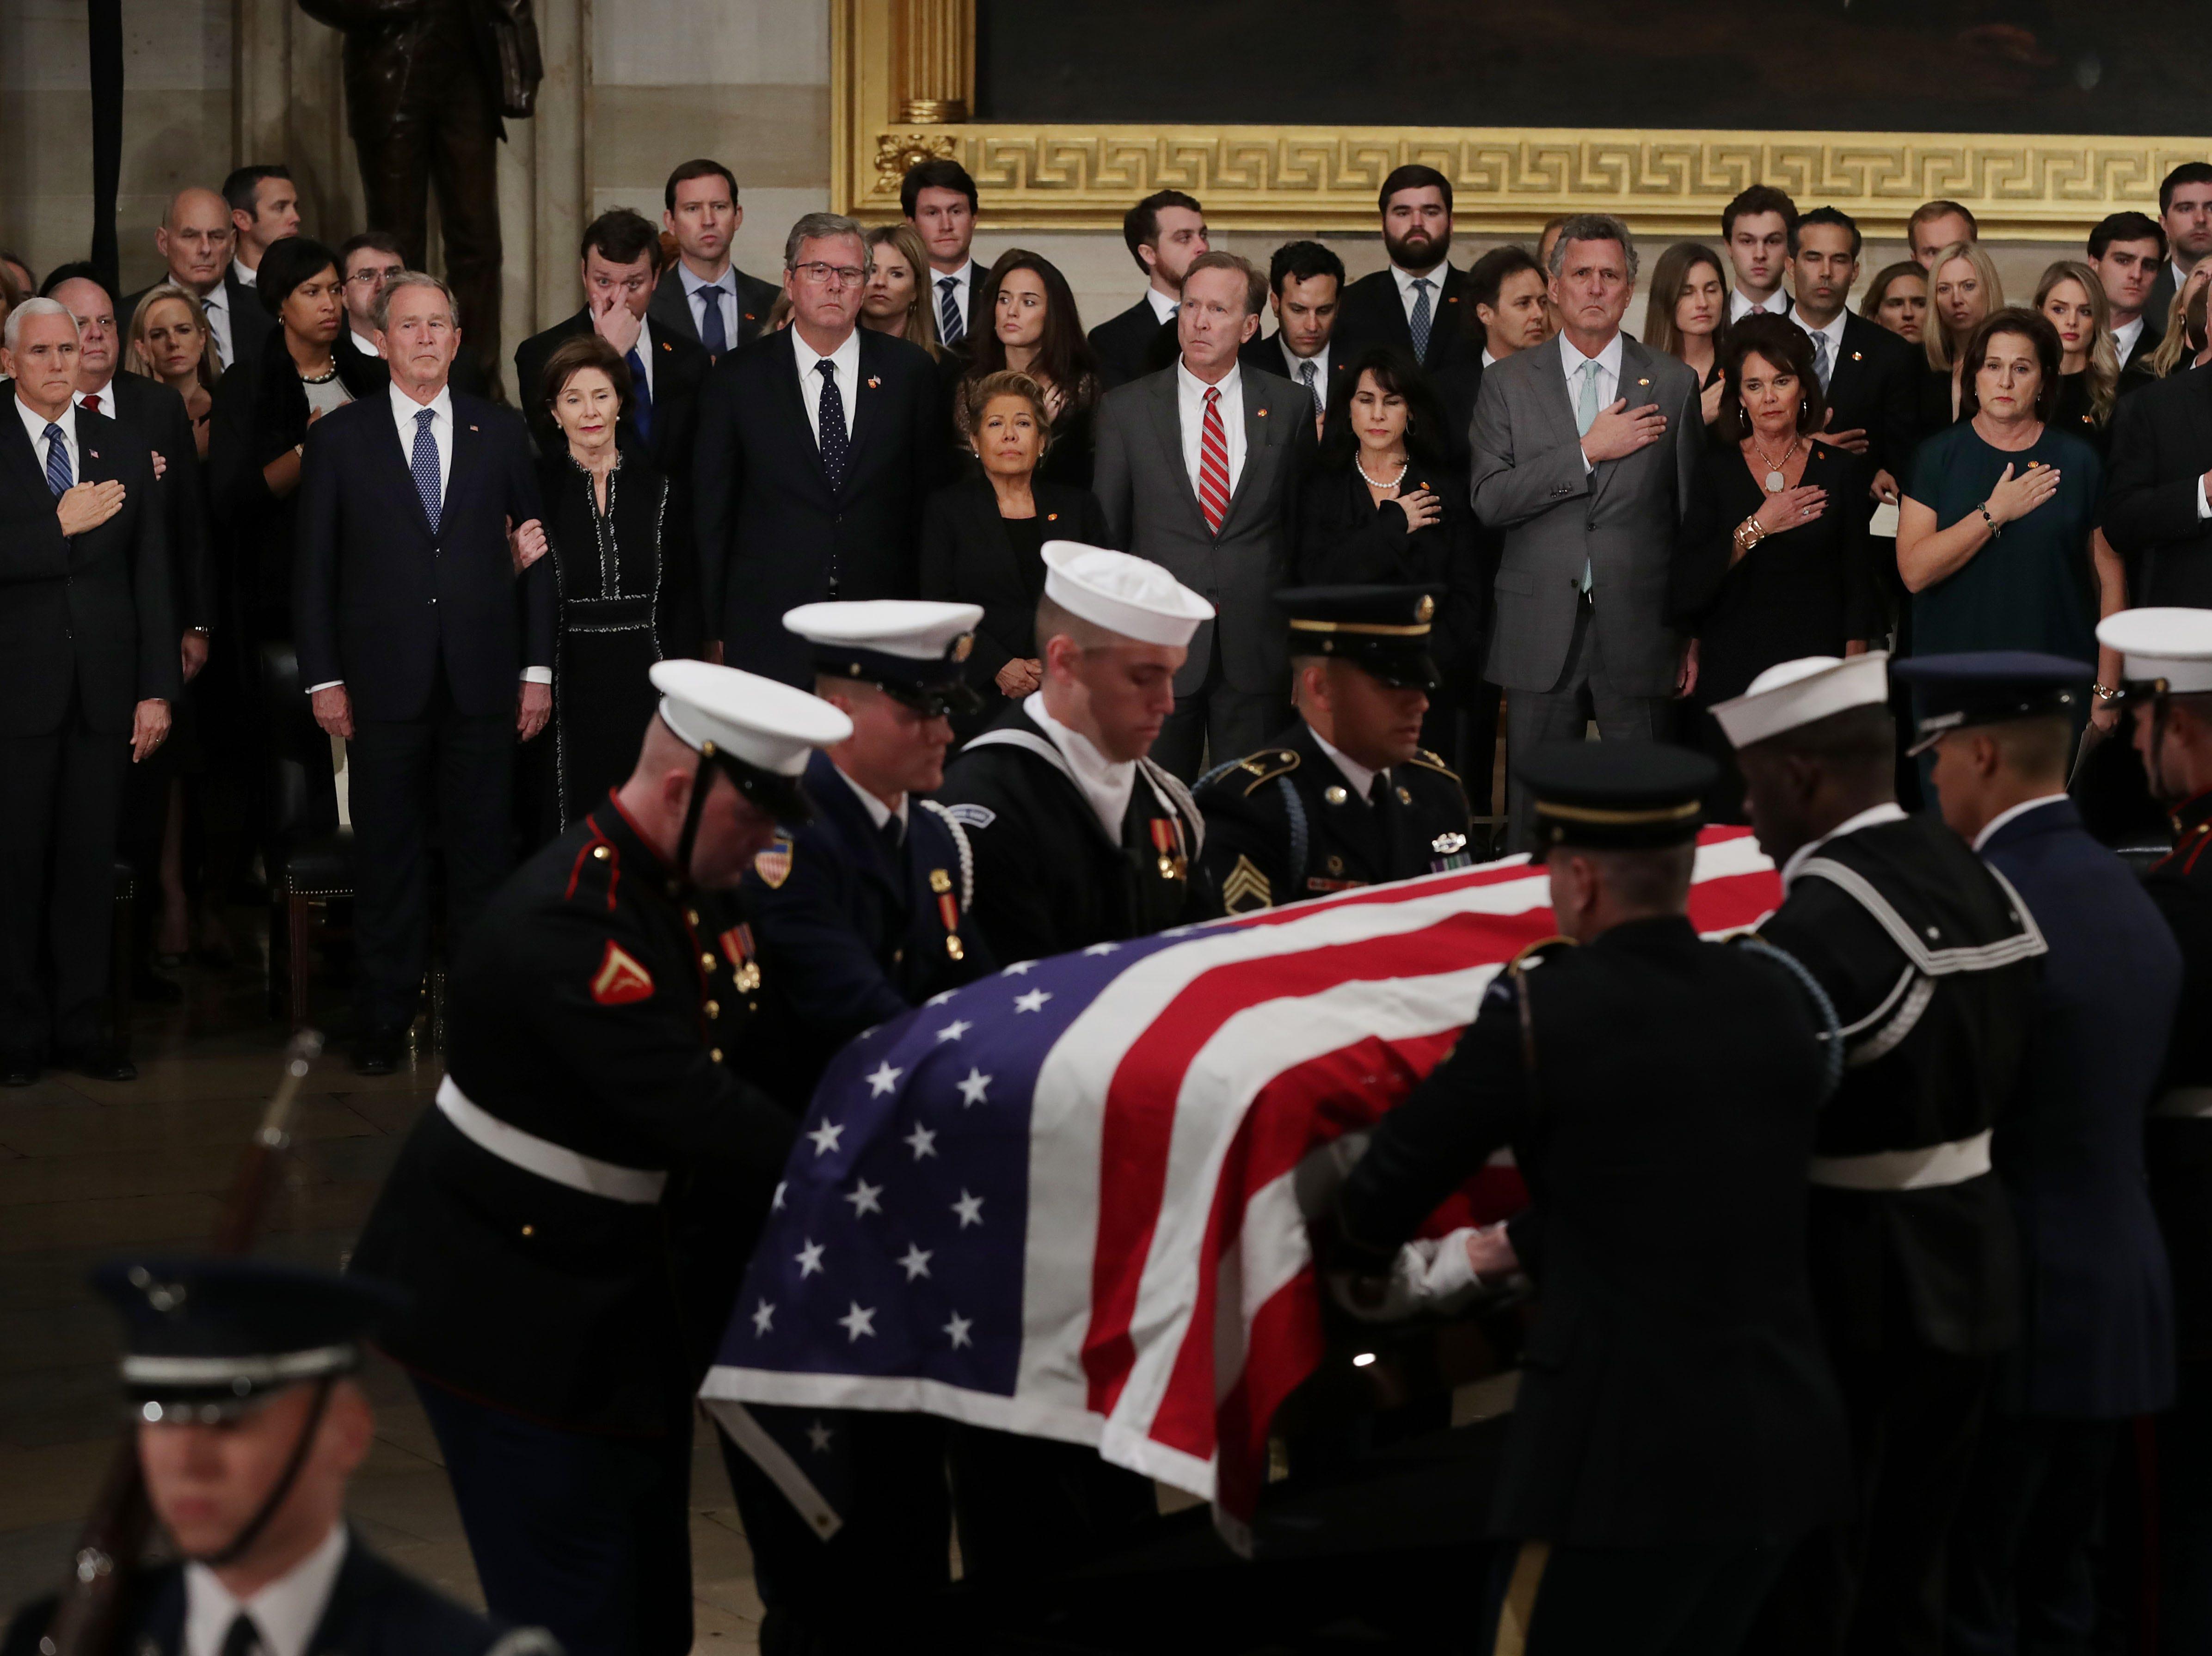 La familia del ex presidente de los Estados Unidos, George H.W. Bush se para mientras su ataúd cubierto con la bandera se lleva a la Rotonda del Capitolio de los EE. UU. Durante una ceremonia de llegada el 3 de diciembre de 2018 en Washington, DC.